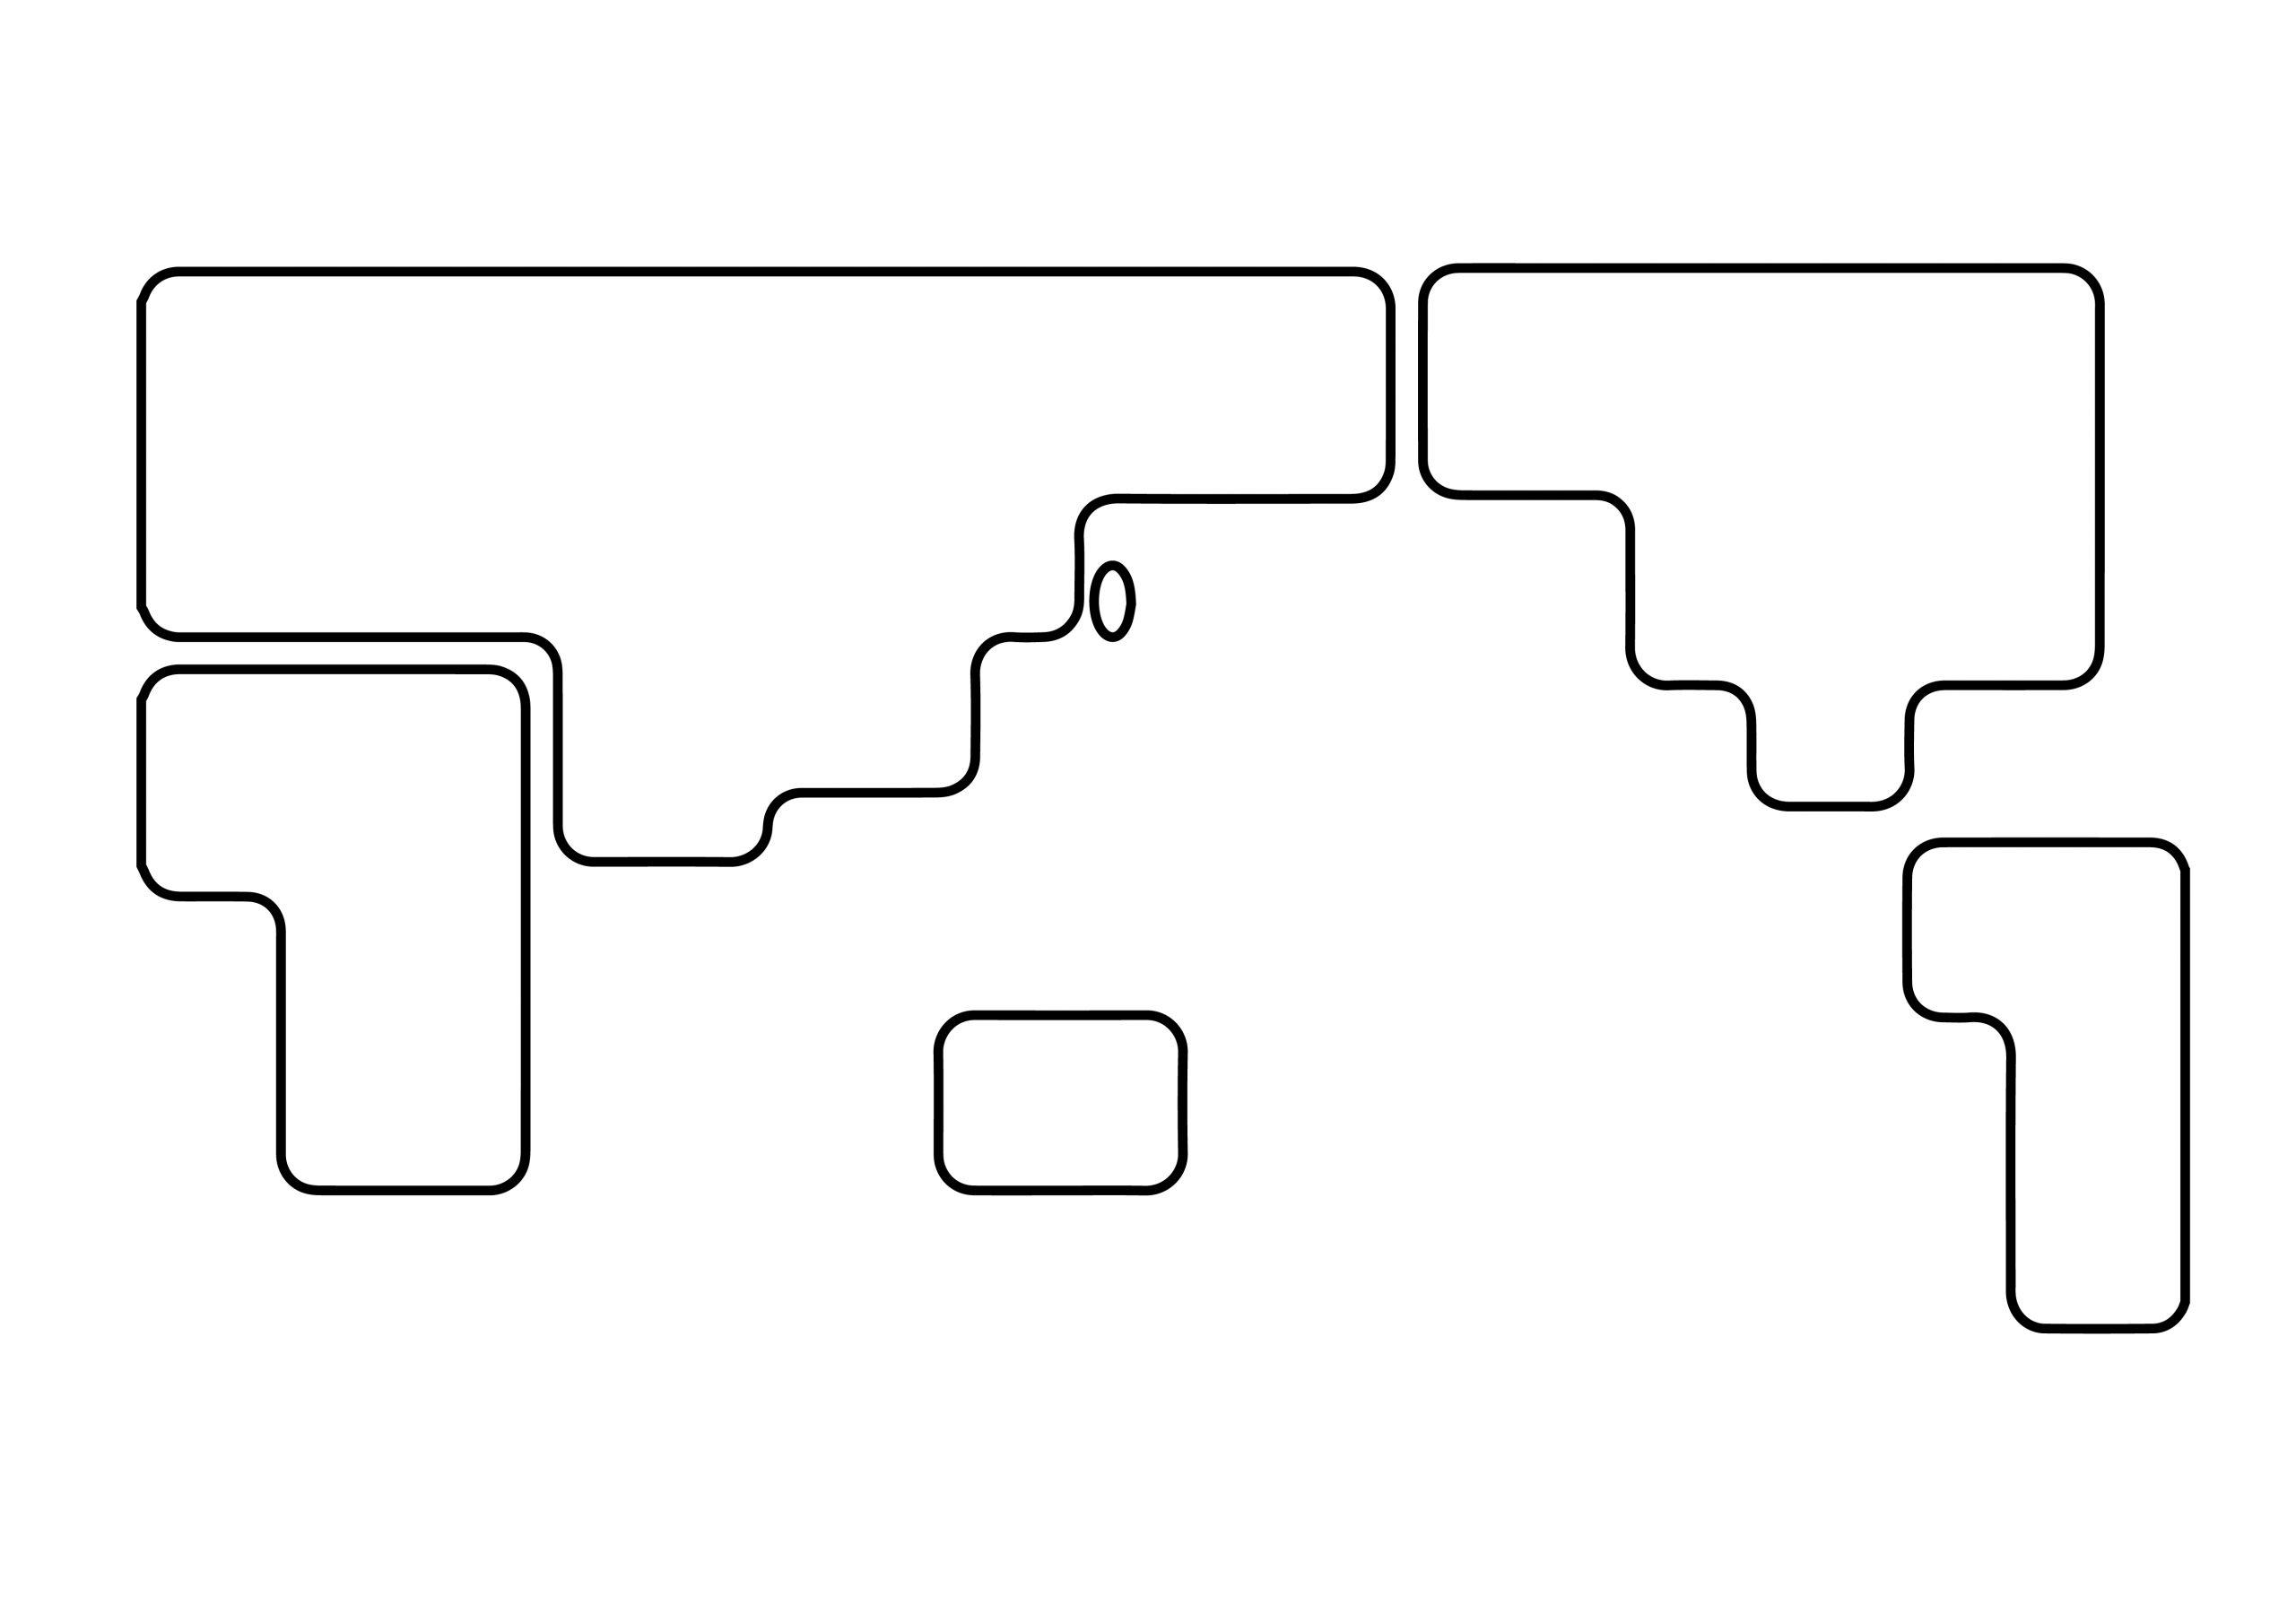 角丸(白)